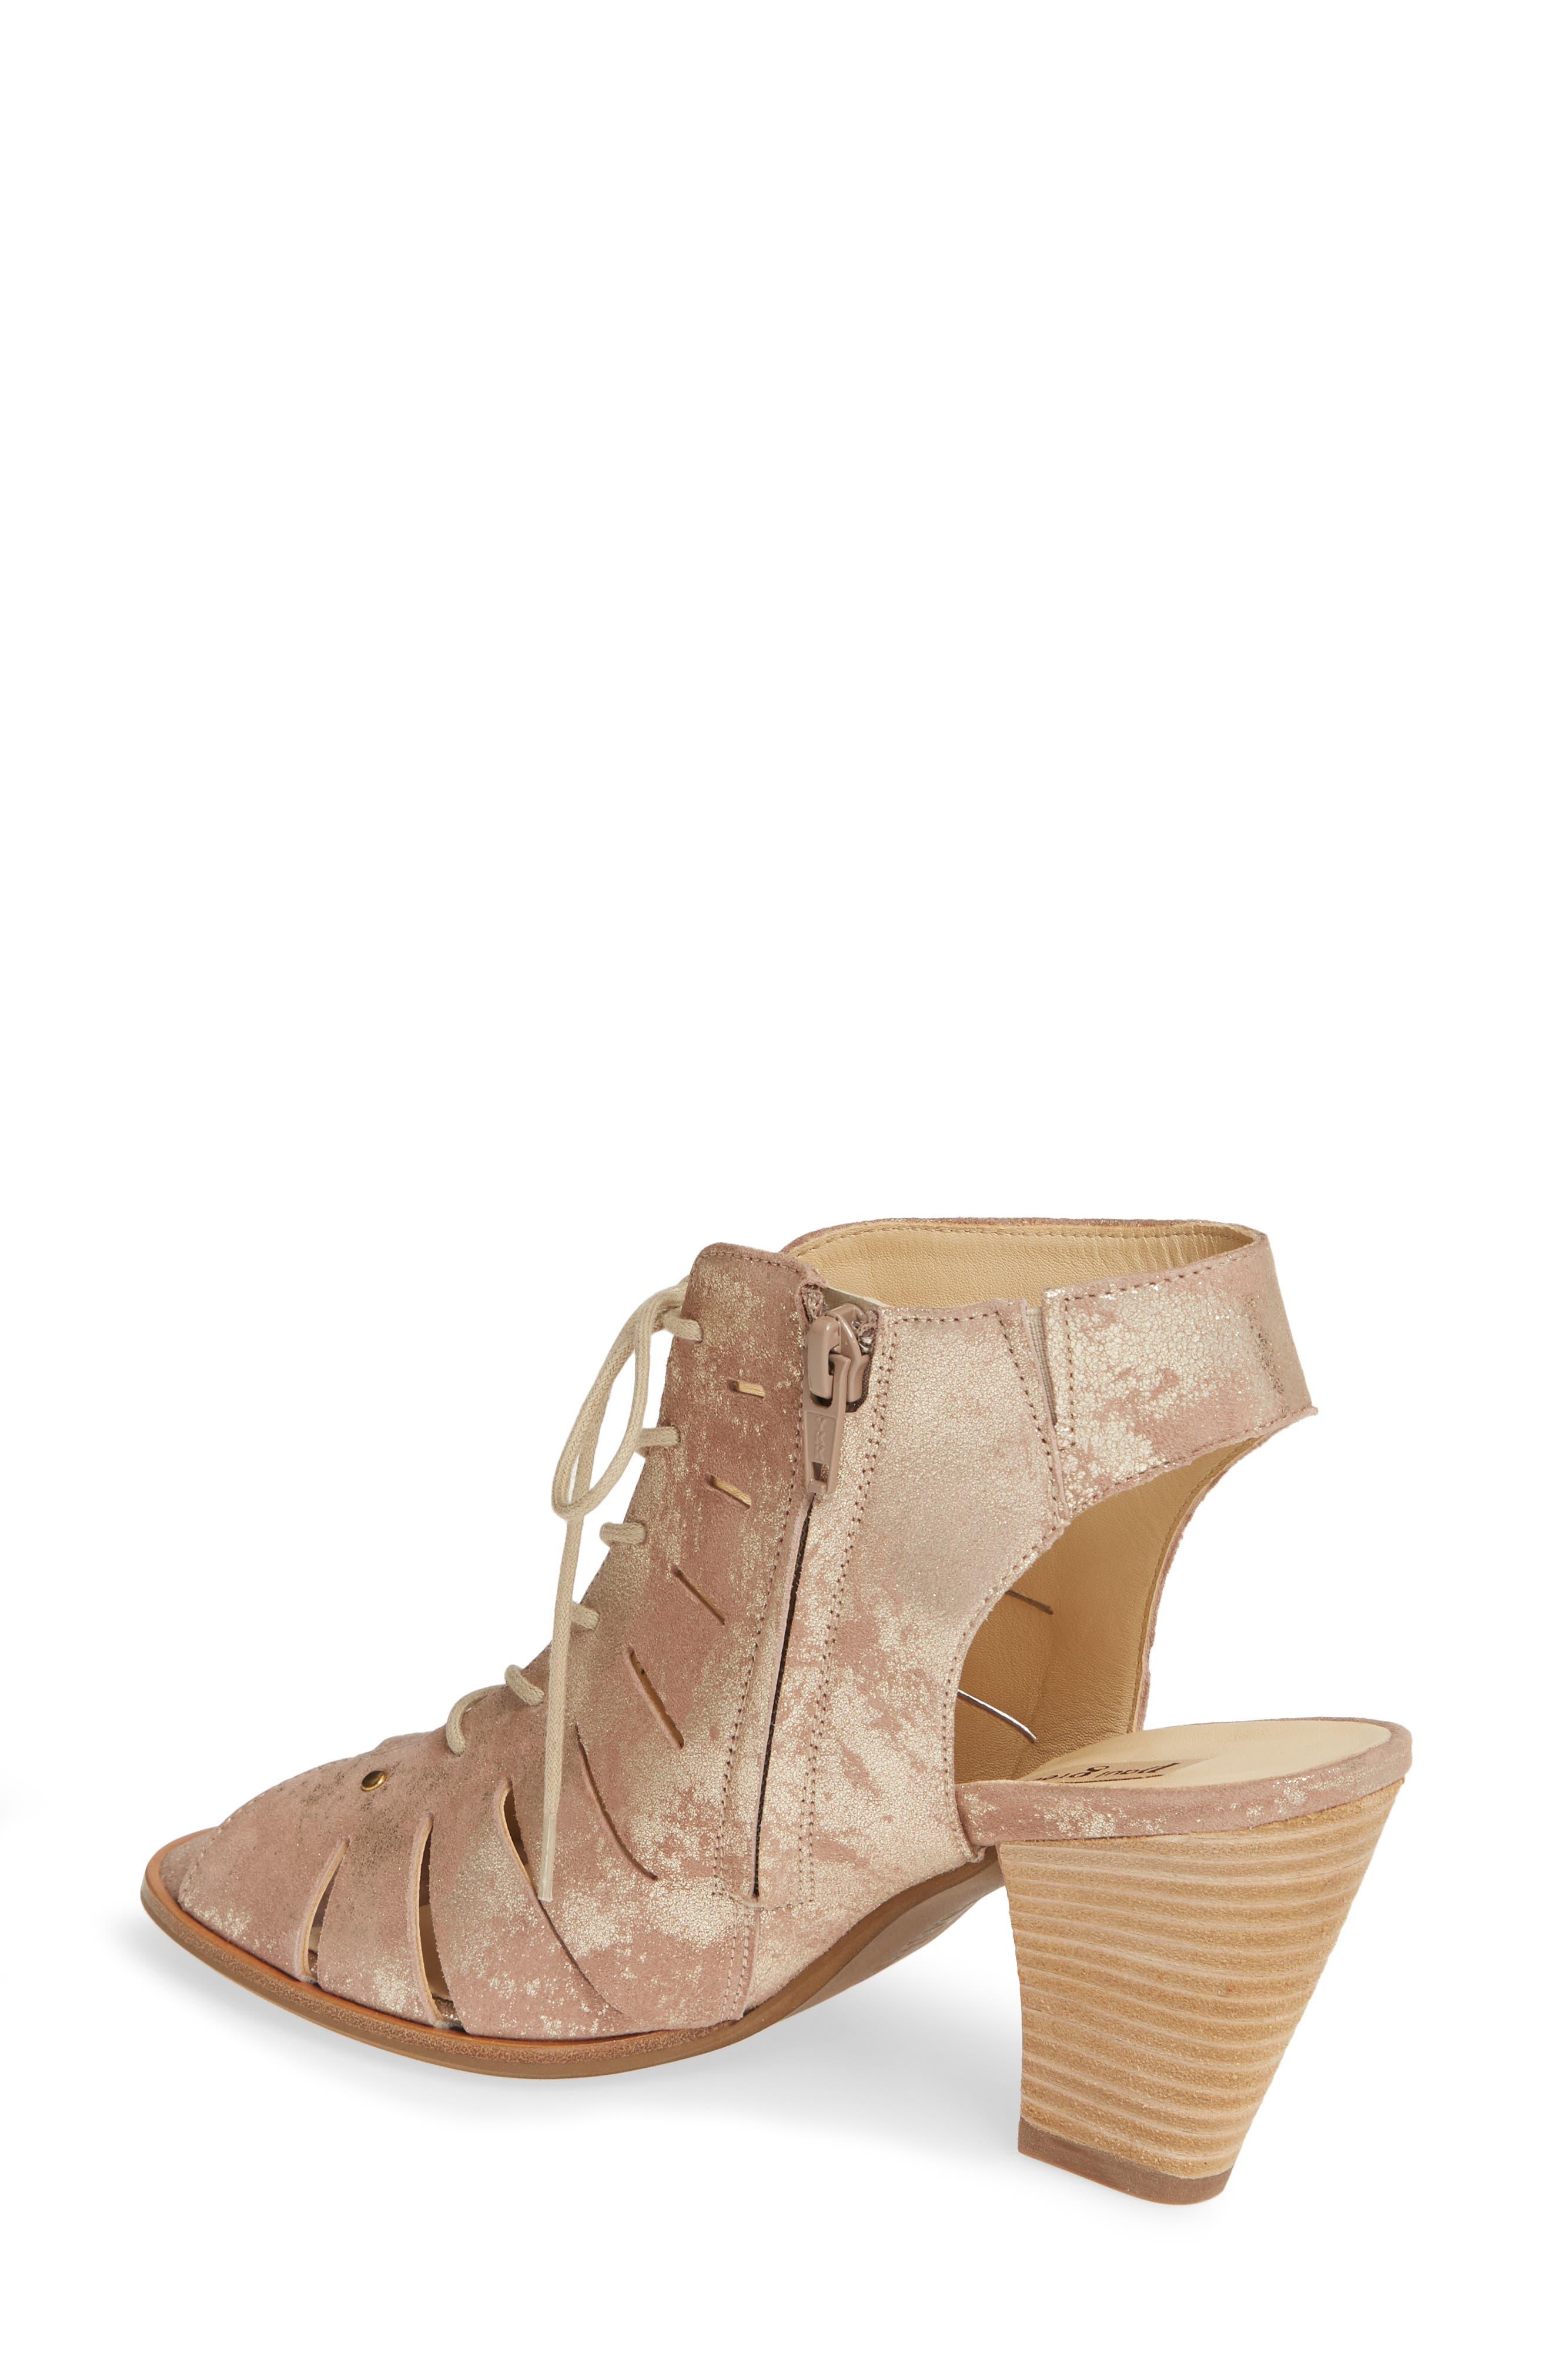 943fce62b8 Women's Lace-Up Heels | Nordstrom